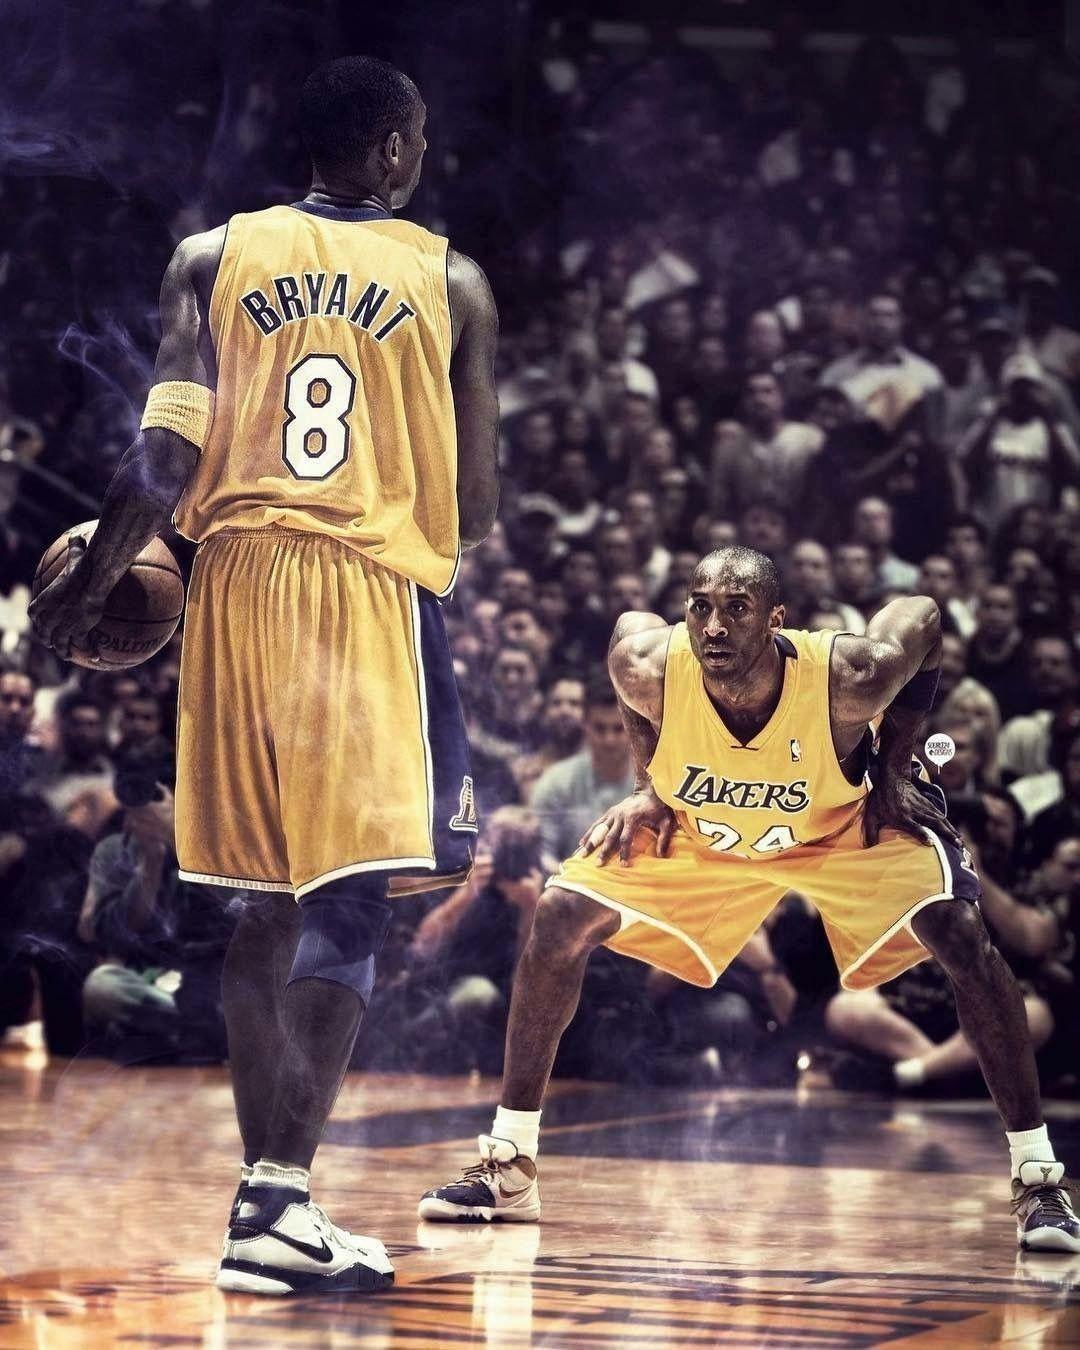 8 vs 24 Kobe bryant wallpaper, Lakers kobe